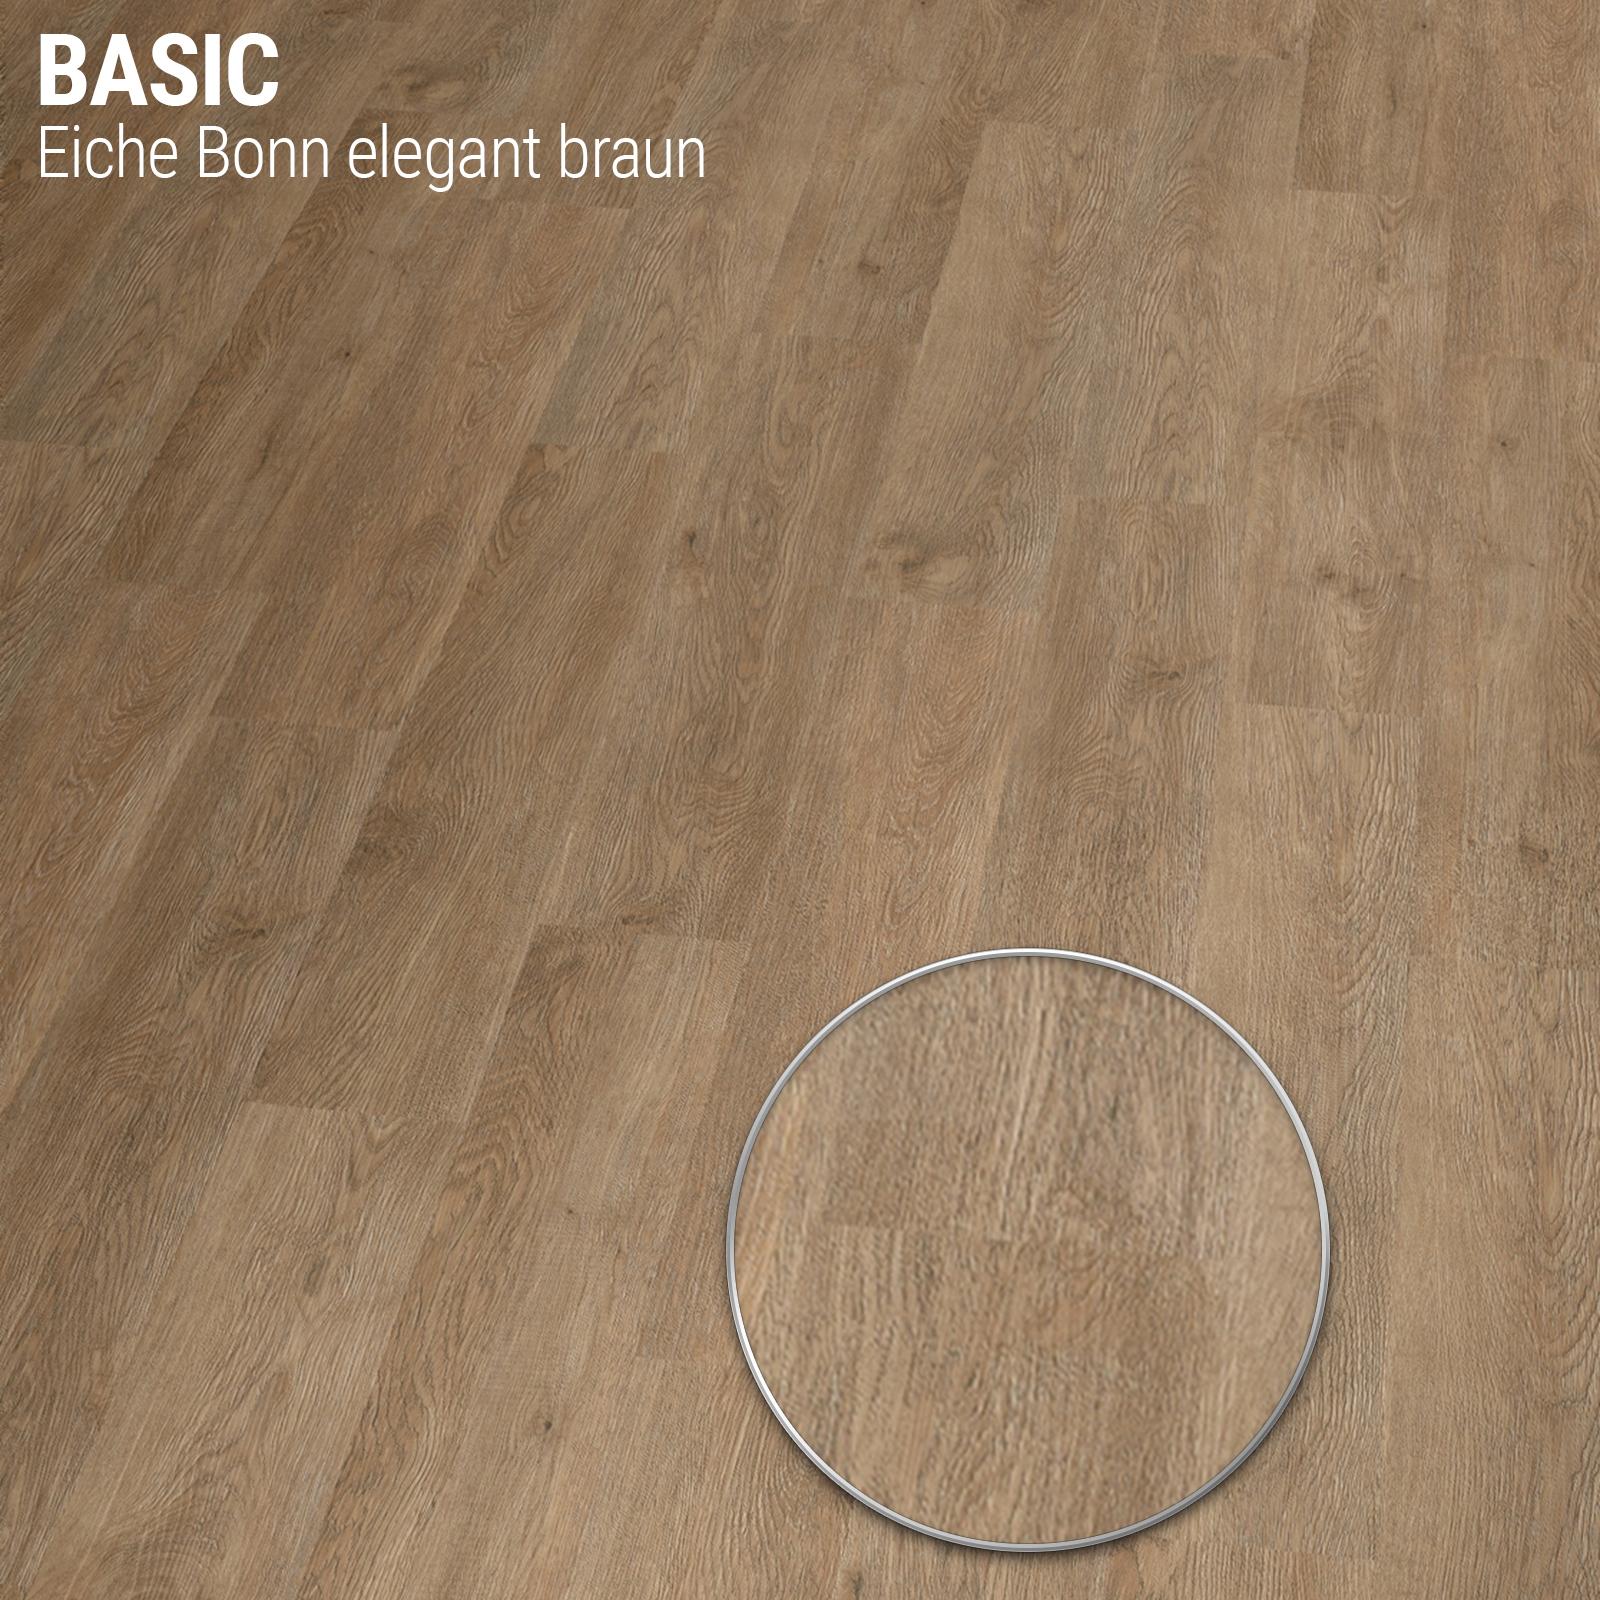 Bodenbeläge Bonn vinylboden pvc klick dielen bodenbelag eiche landhausdiele 1 stab ebay